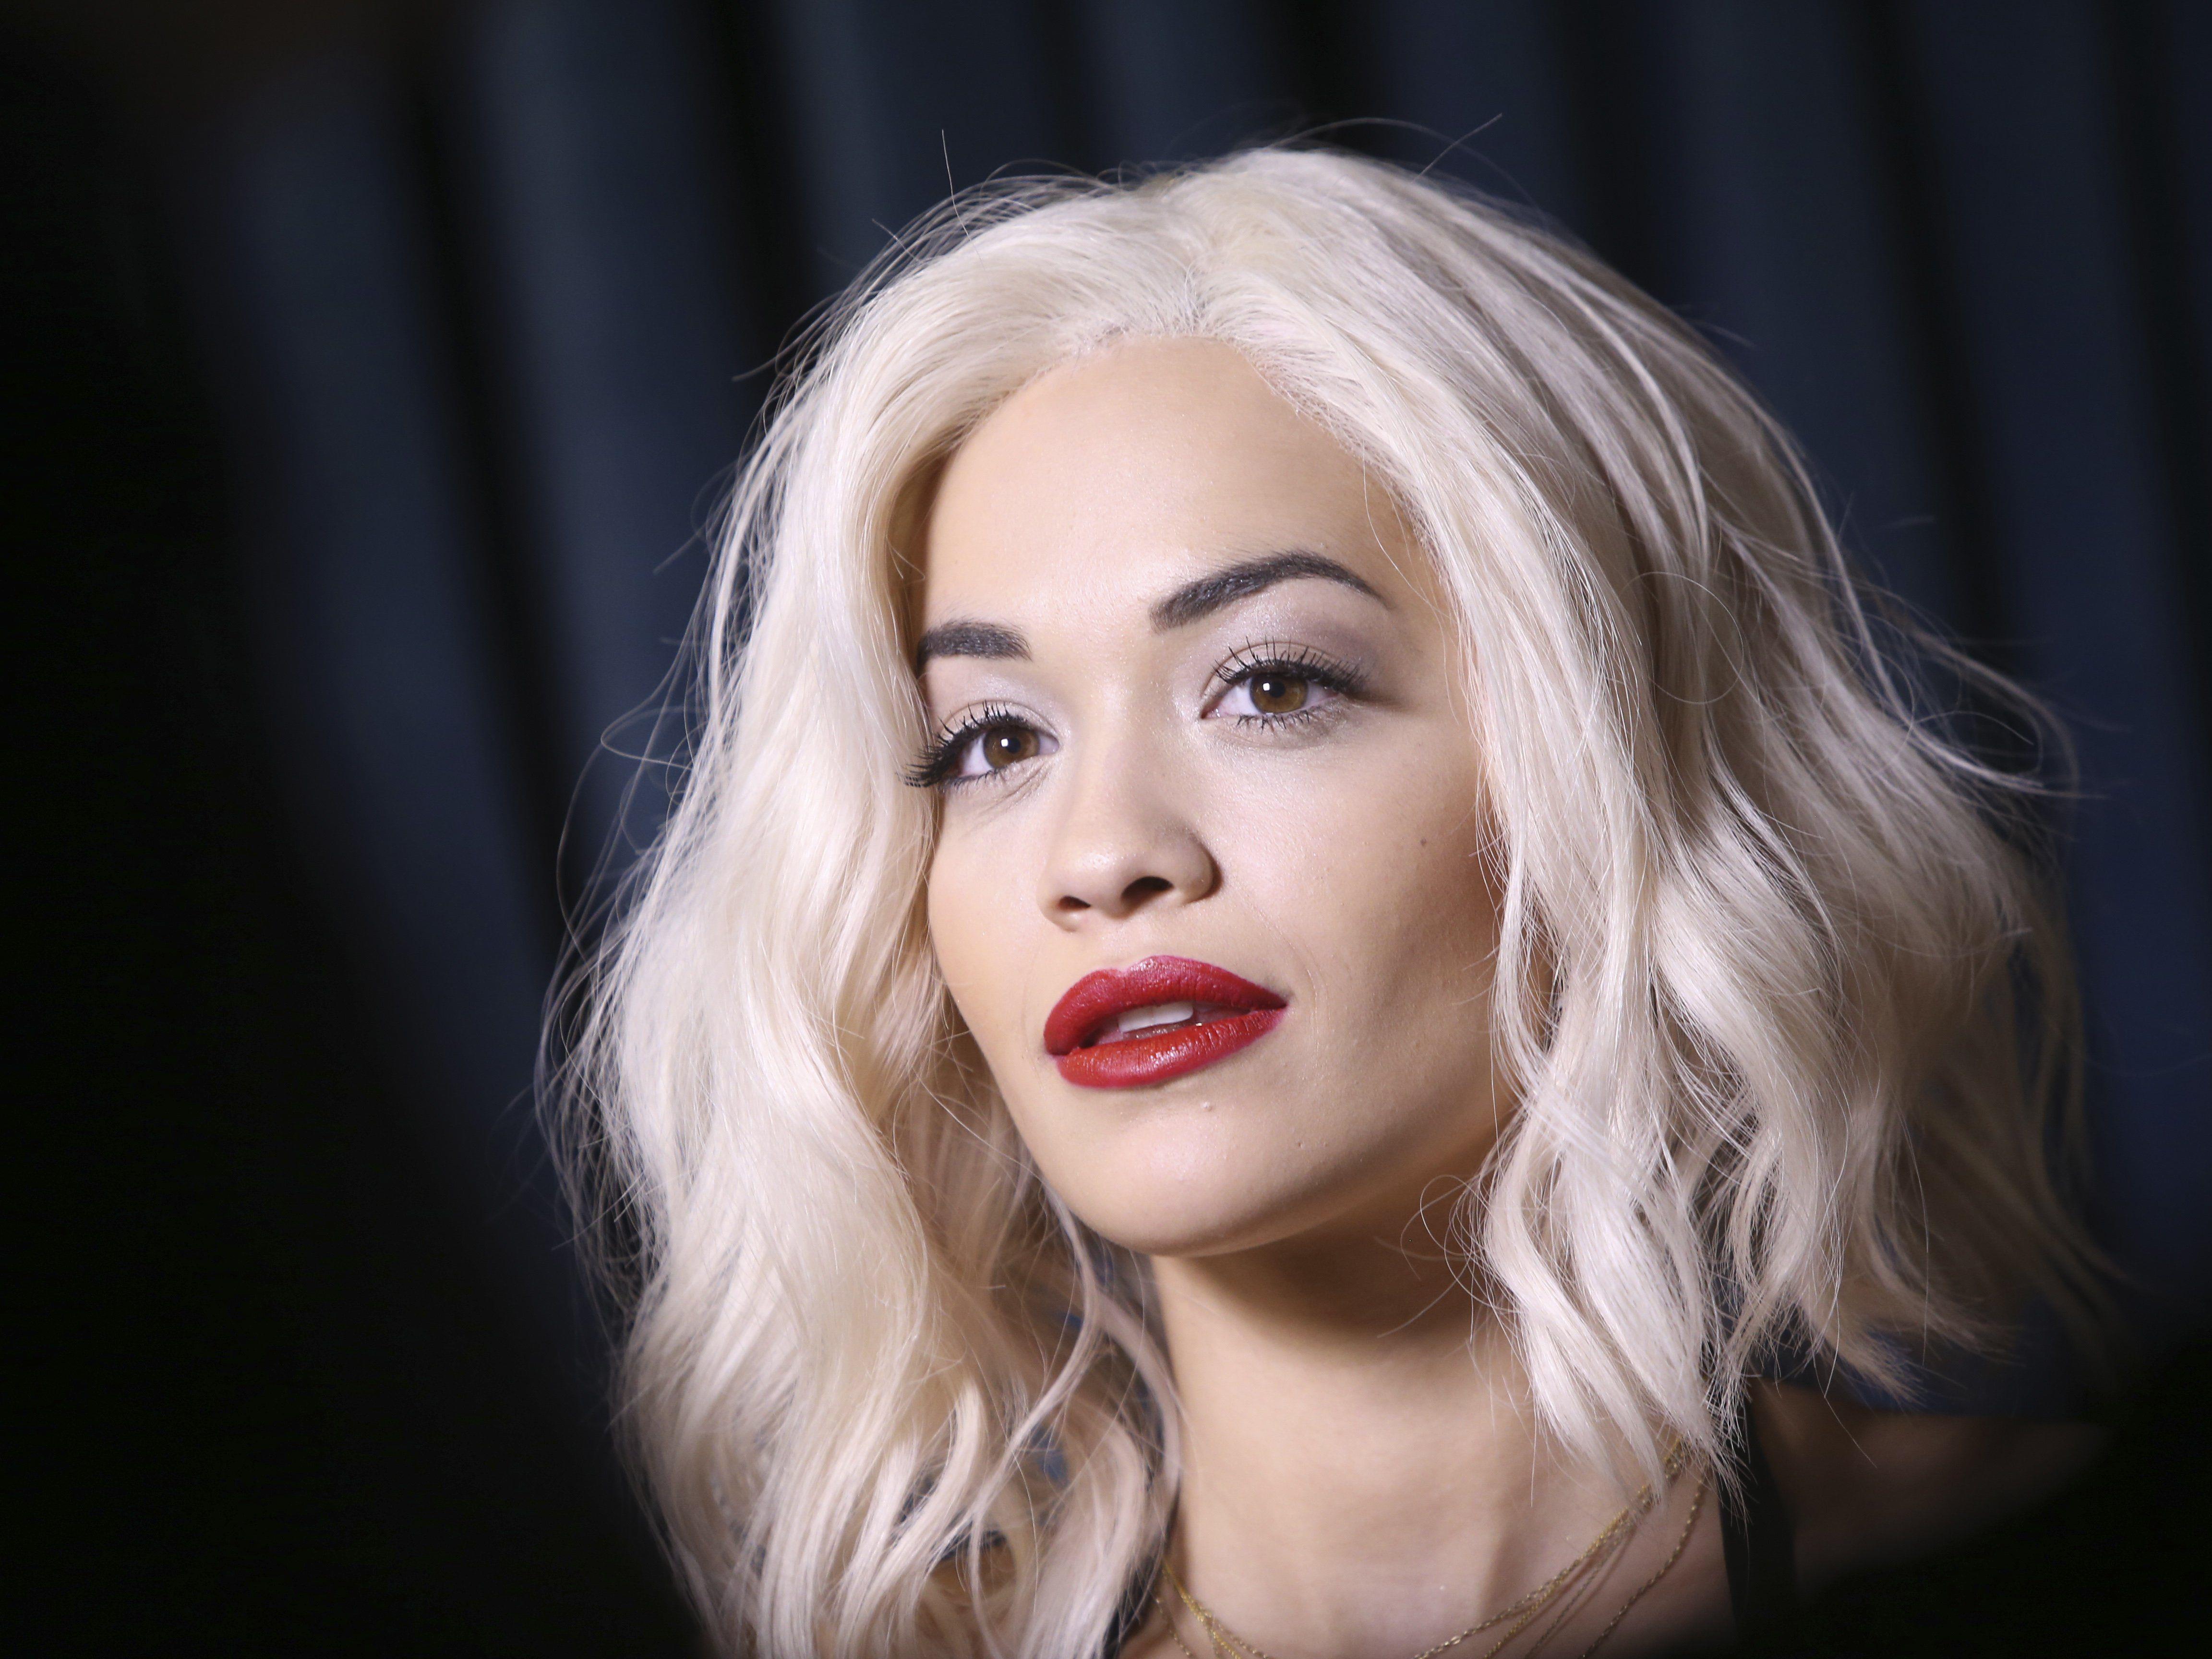 Rita Ora spielt die Schwester der Hauptfigur Christian Grey.